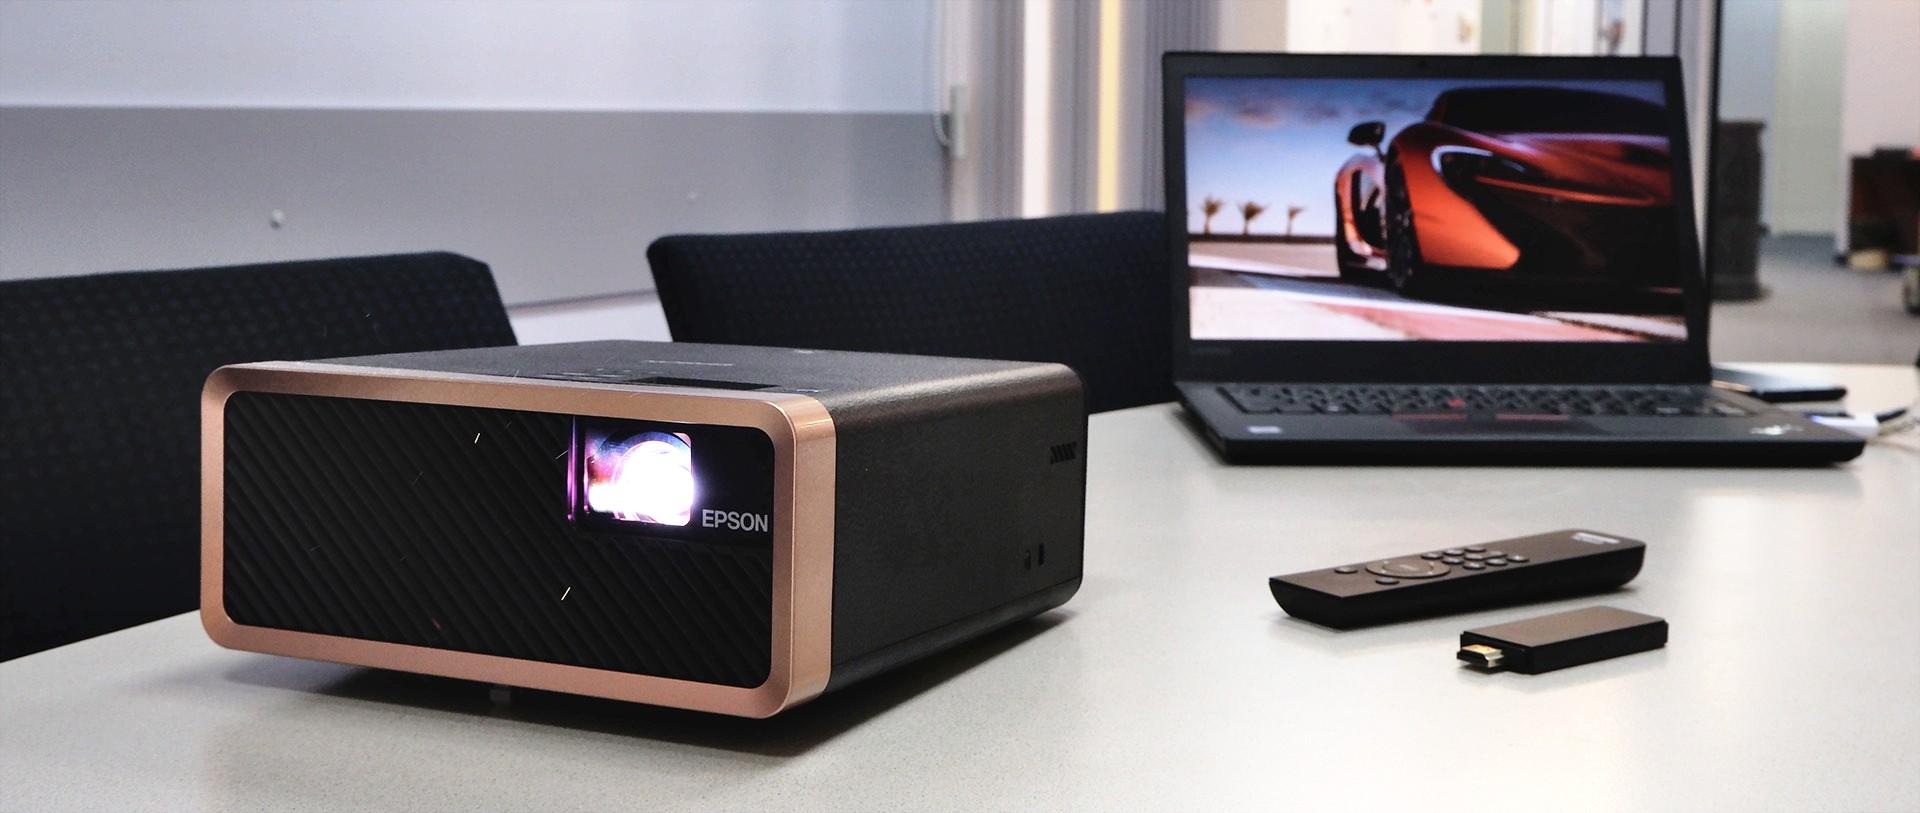 В полку компактных проекторов прибыло: Epson EF-100 – первая ласточка в серии ярких портативных лазерных проекторов